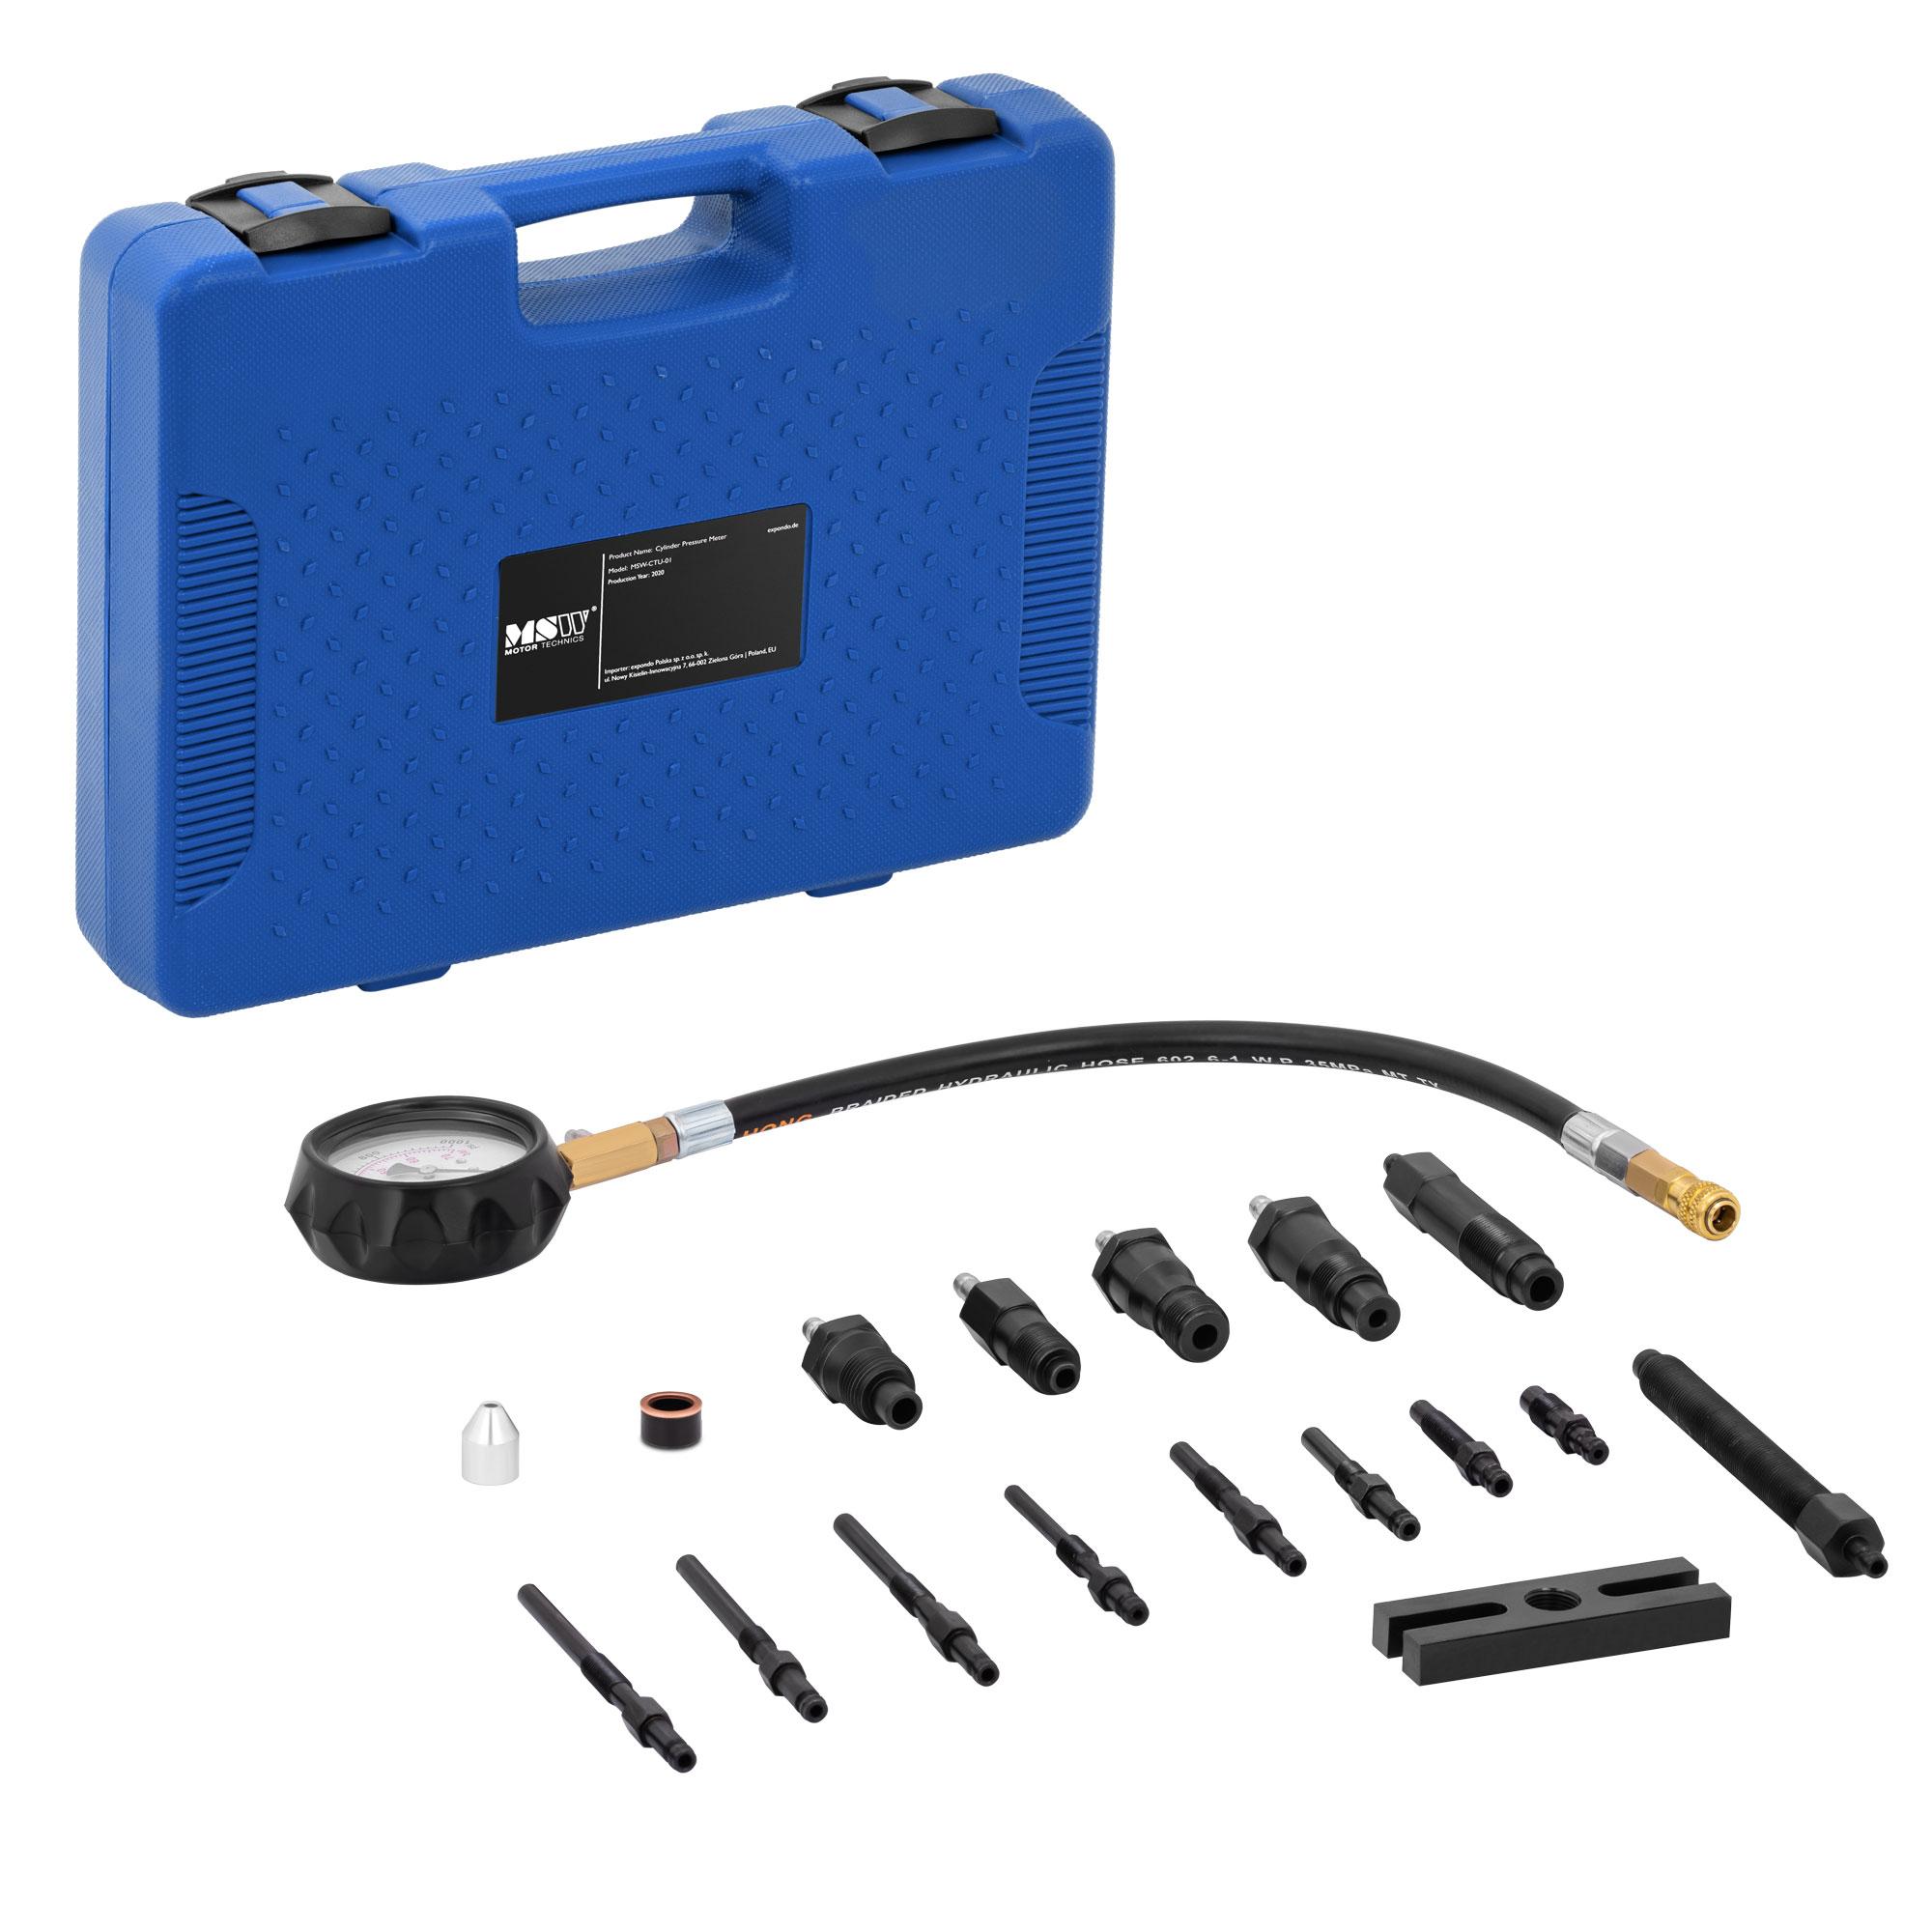 MSW Kompressionsprüfer Diesel - 0-70 bar - 80 mm Manometer - 35 cm Schlauch MSW-CTU-01